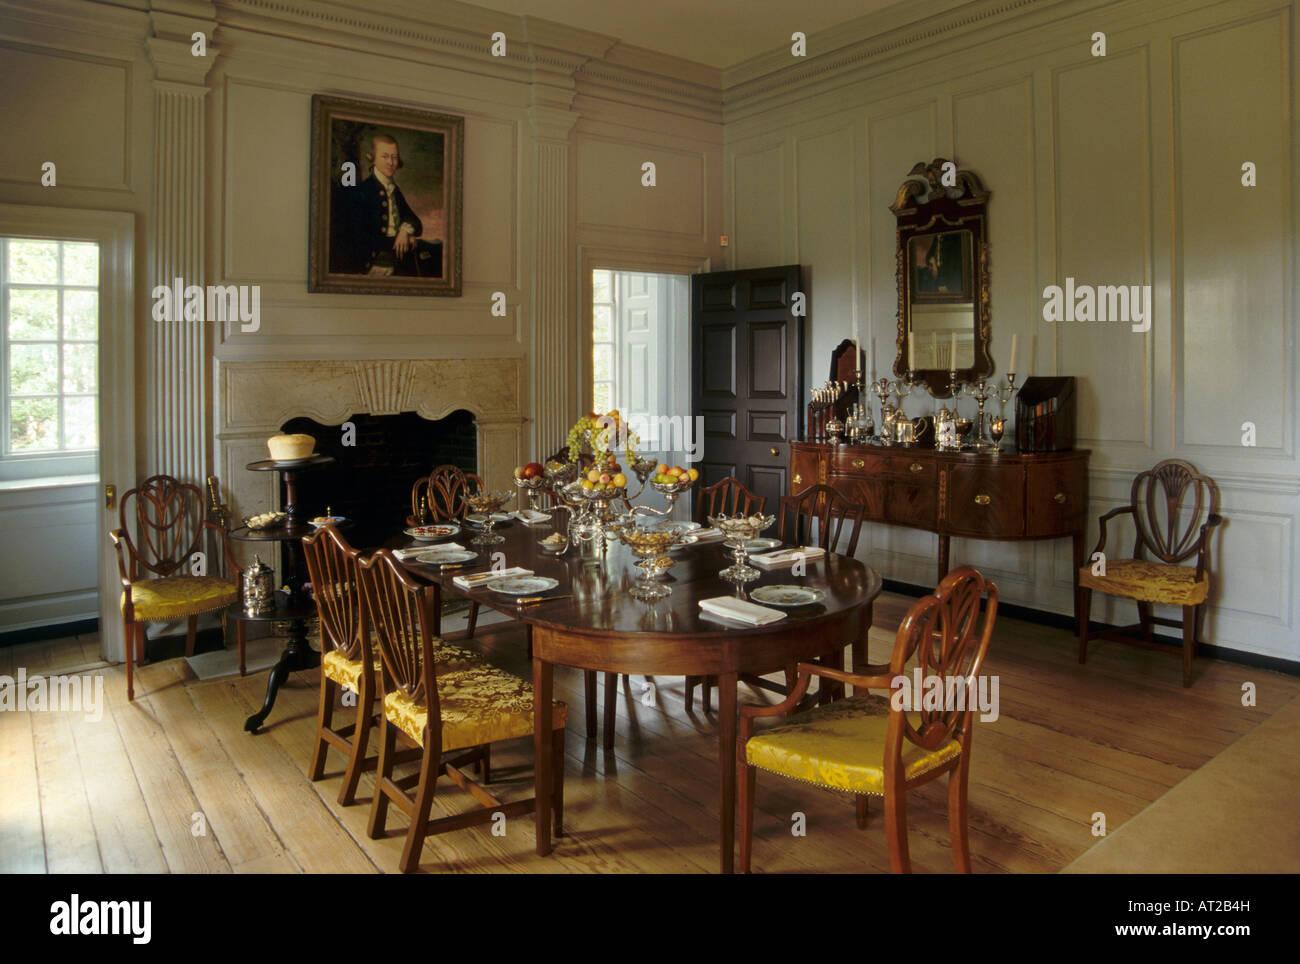 Buy Dining Room Table Wilton House Museum Richmond Virginia Usa Stock Photo